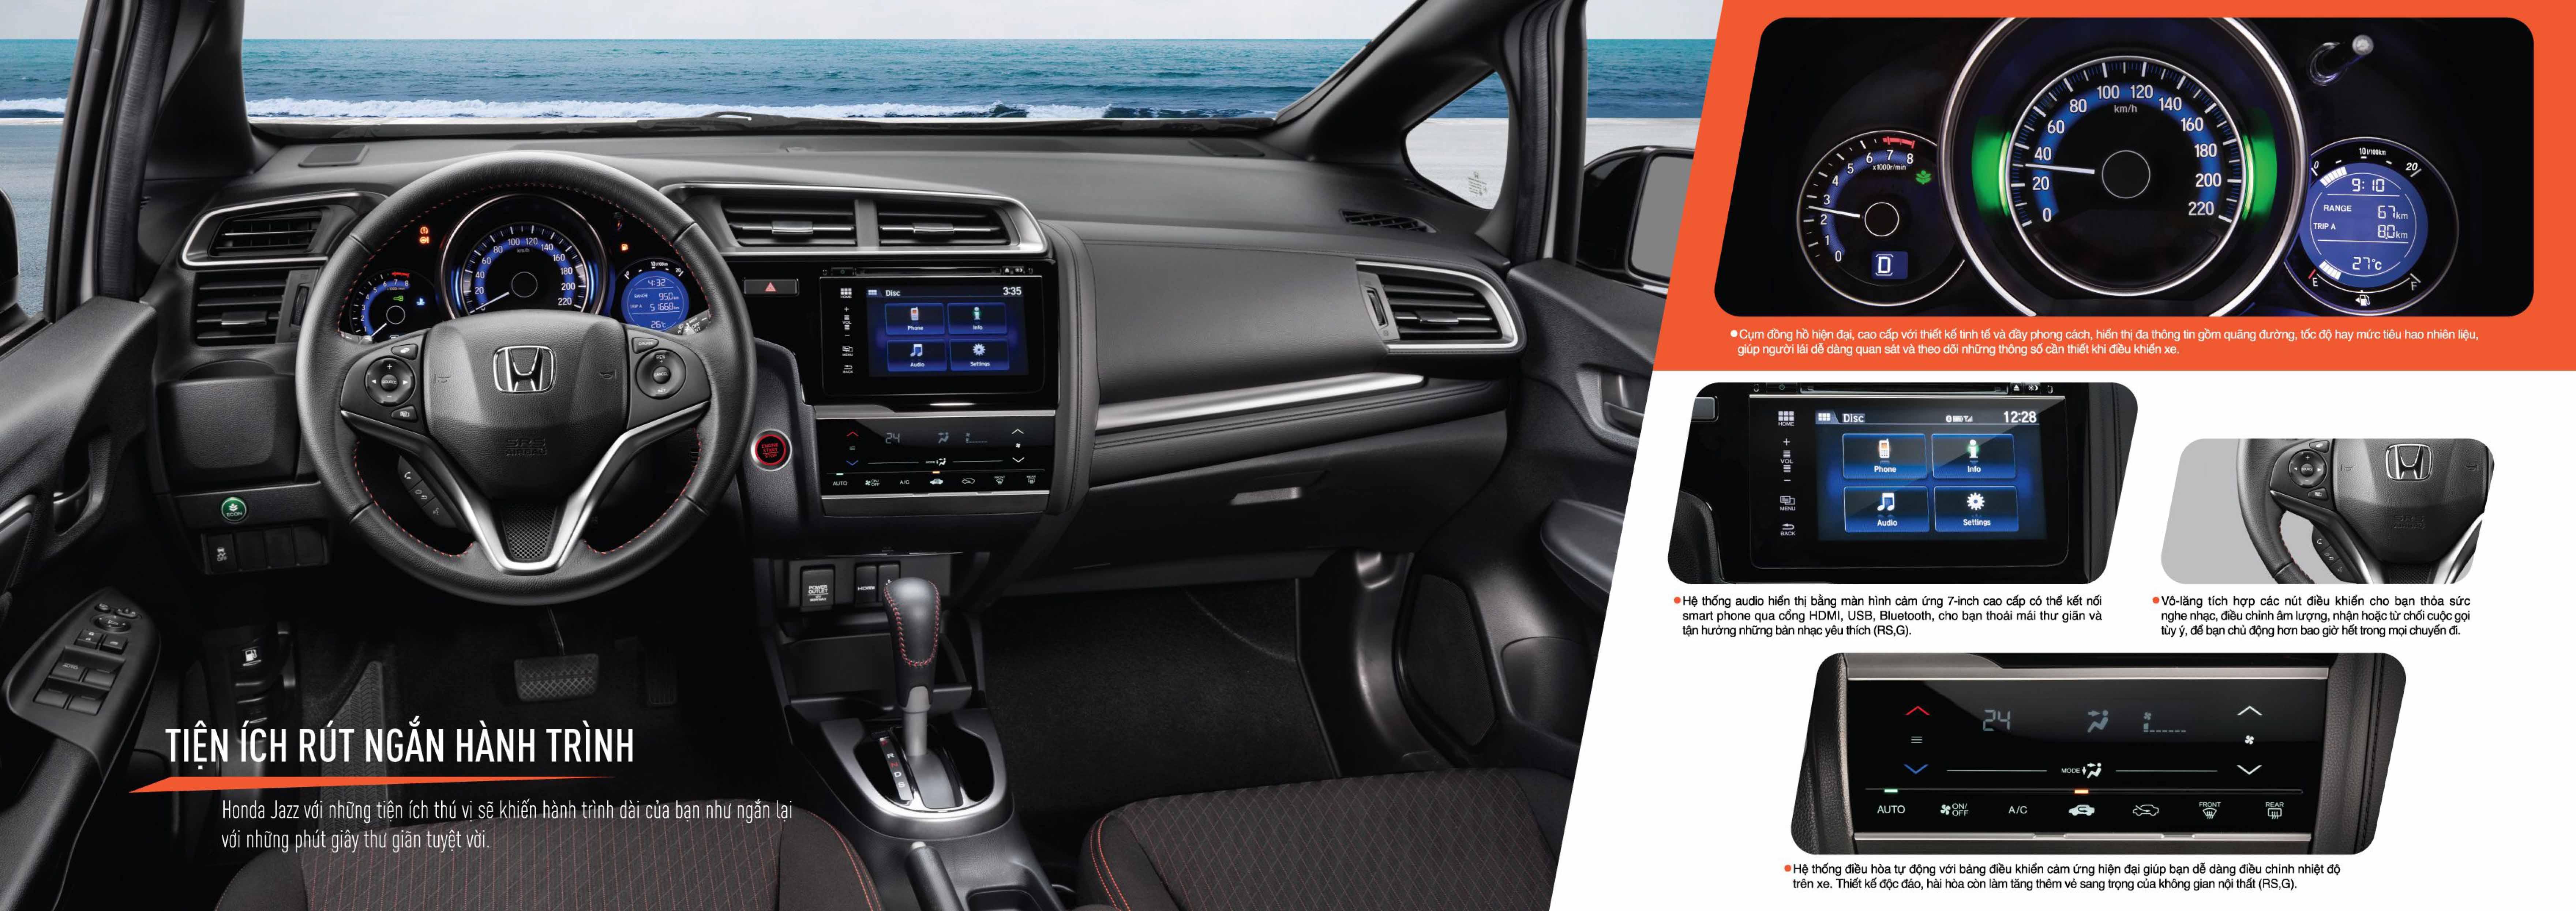 Honda Jazz Cần Thơ - Bảng điều khiển trung tâm